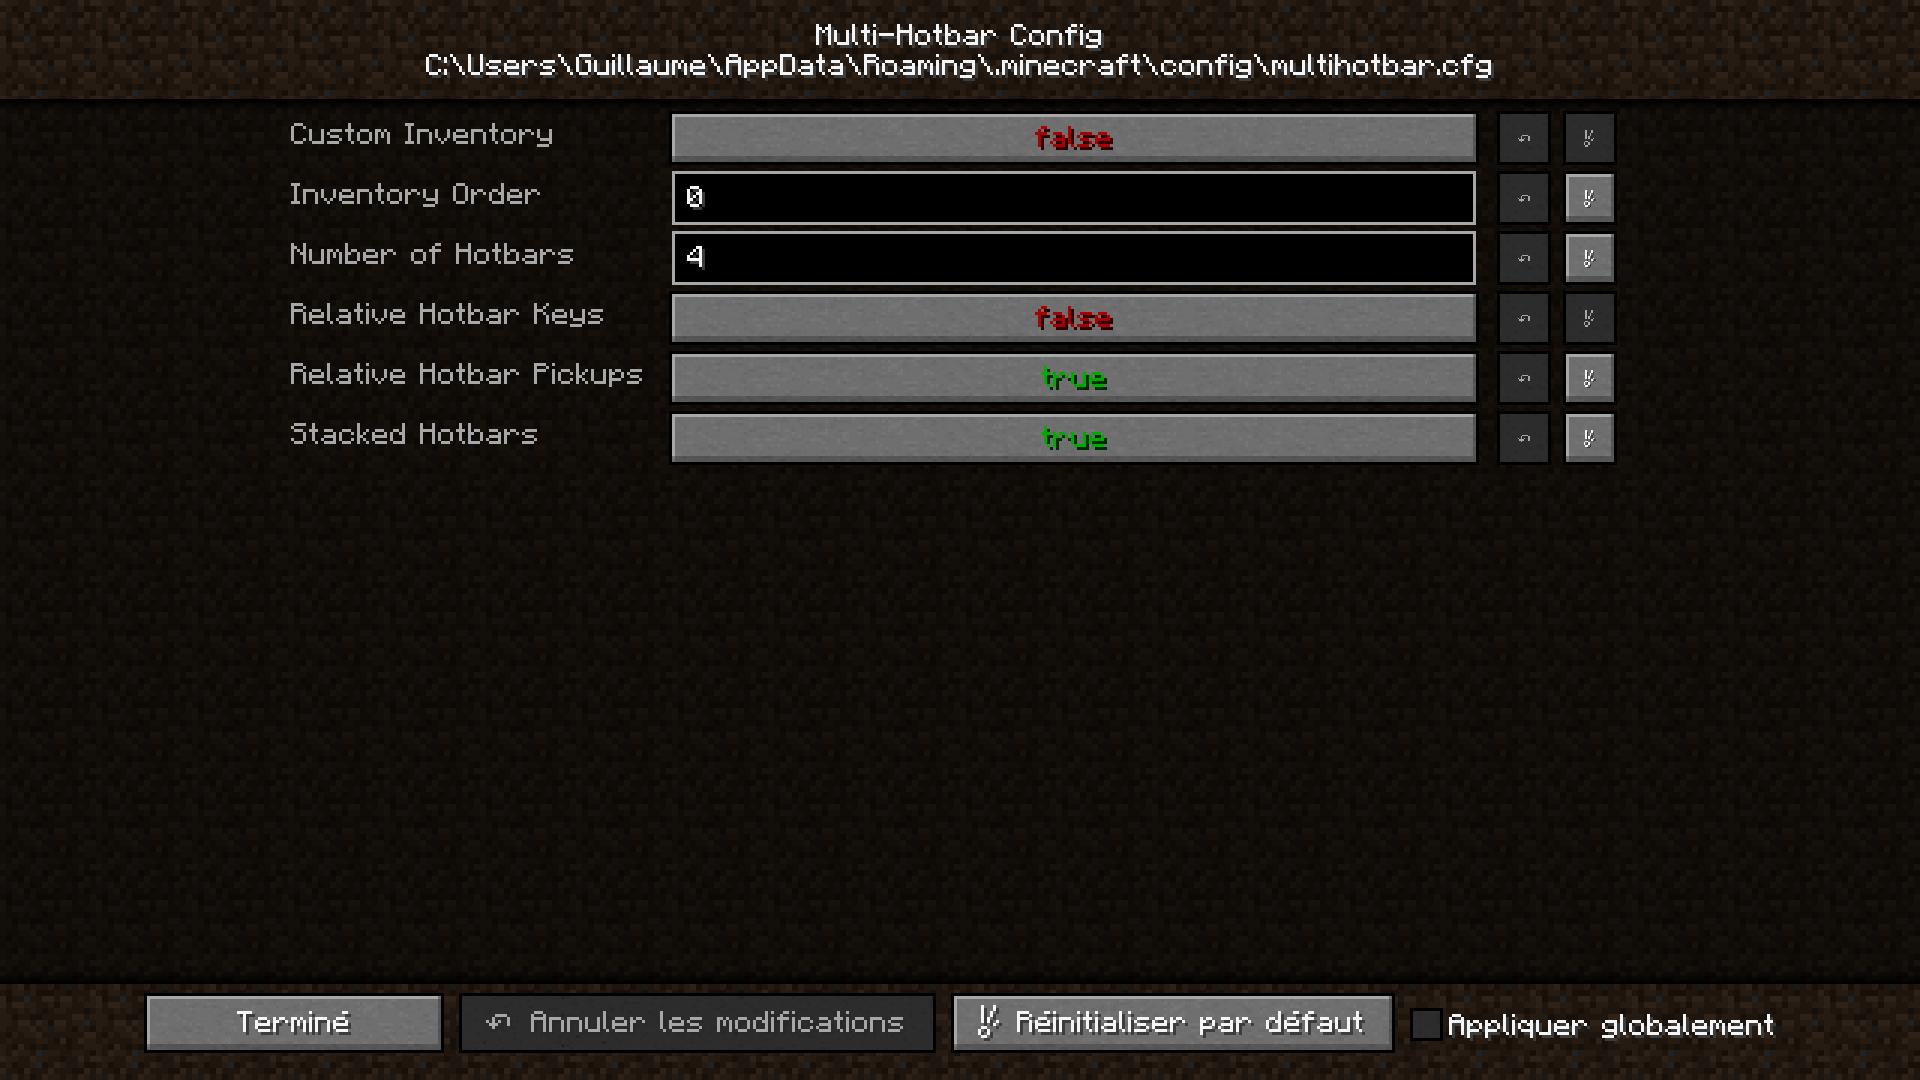 menu des paramètres du mod Multi-Hotbar